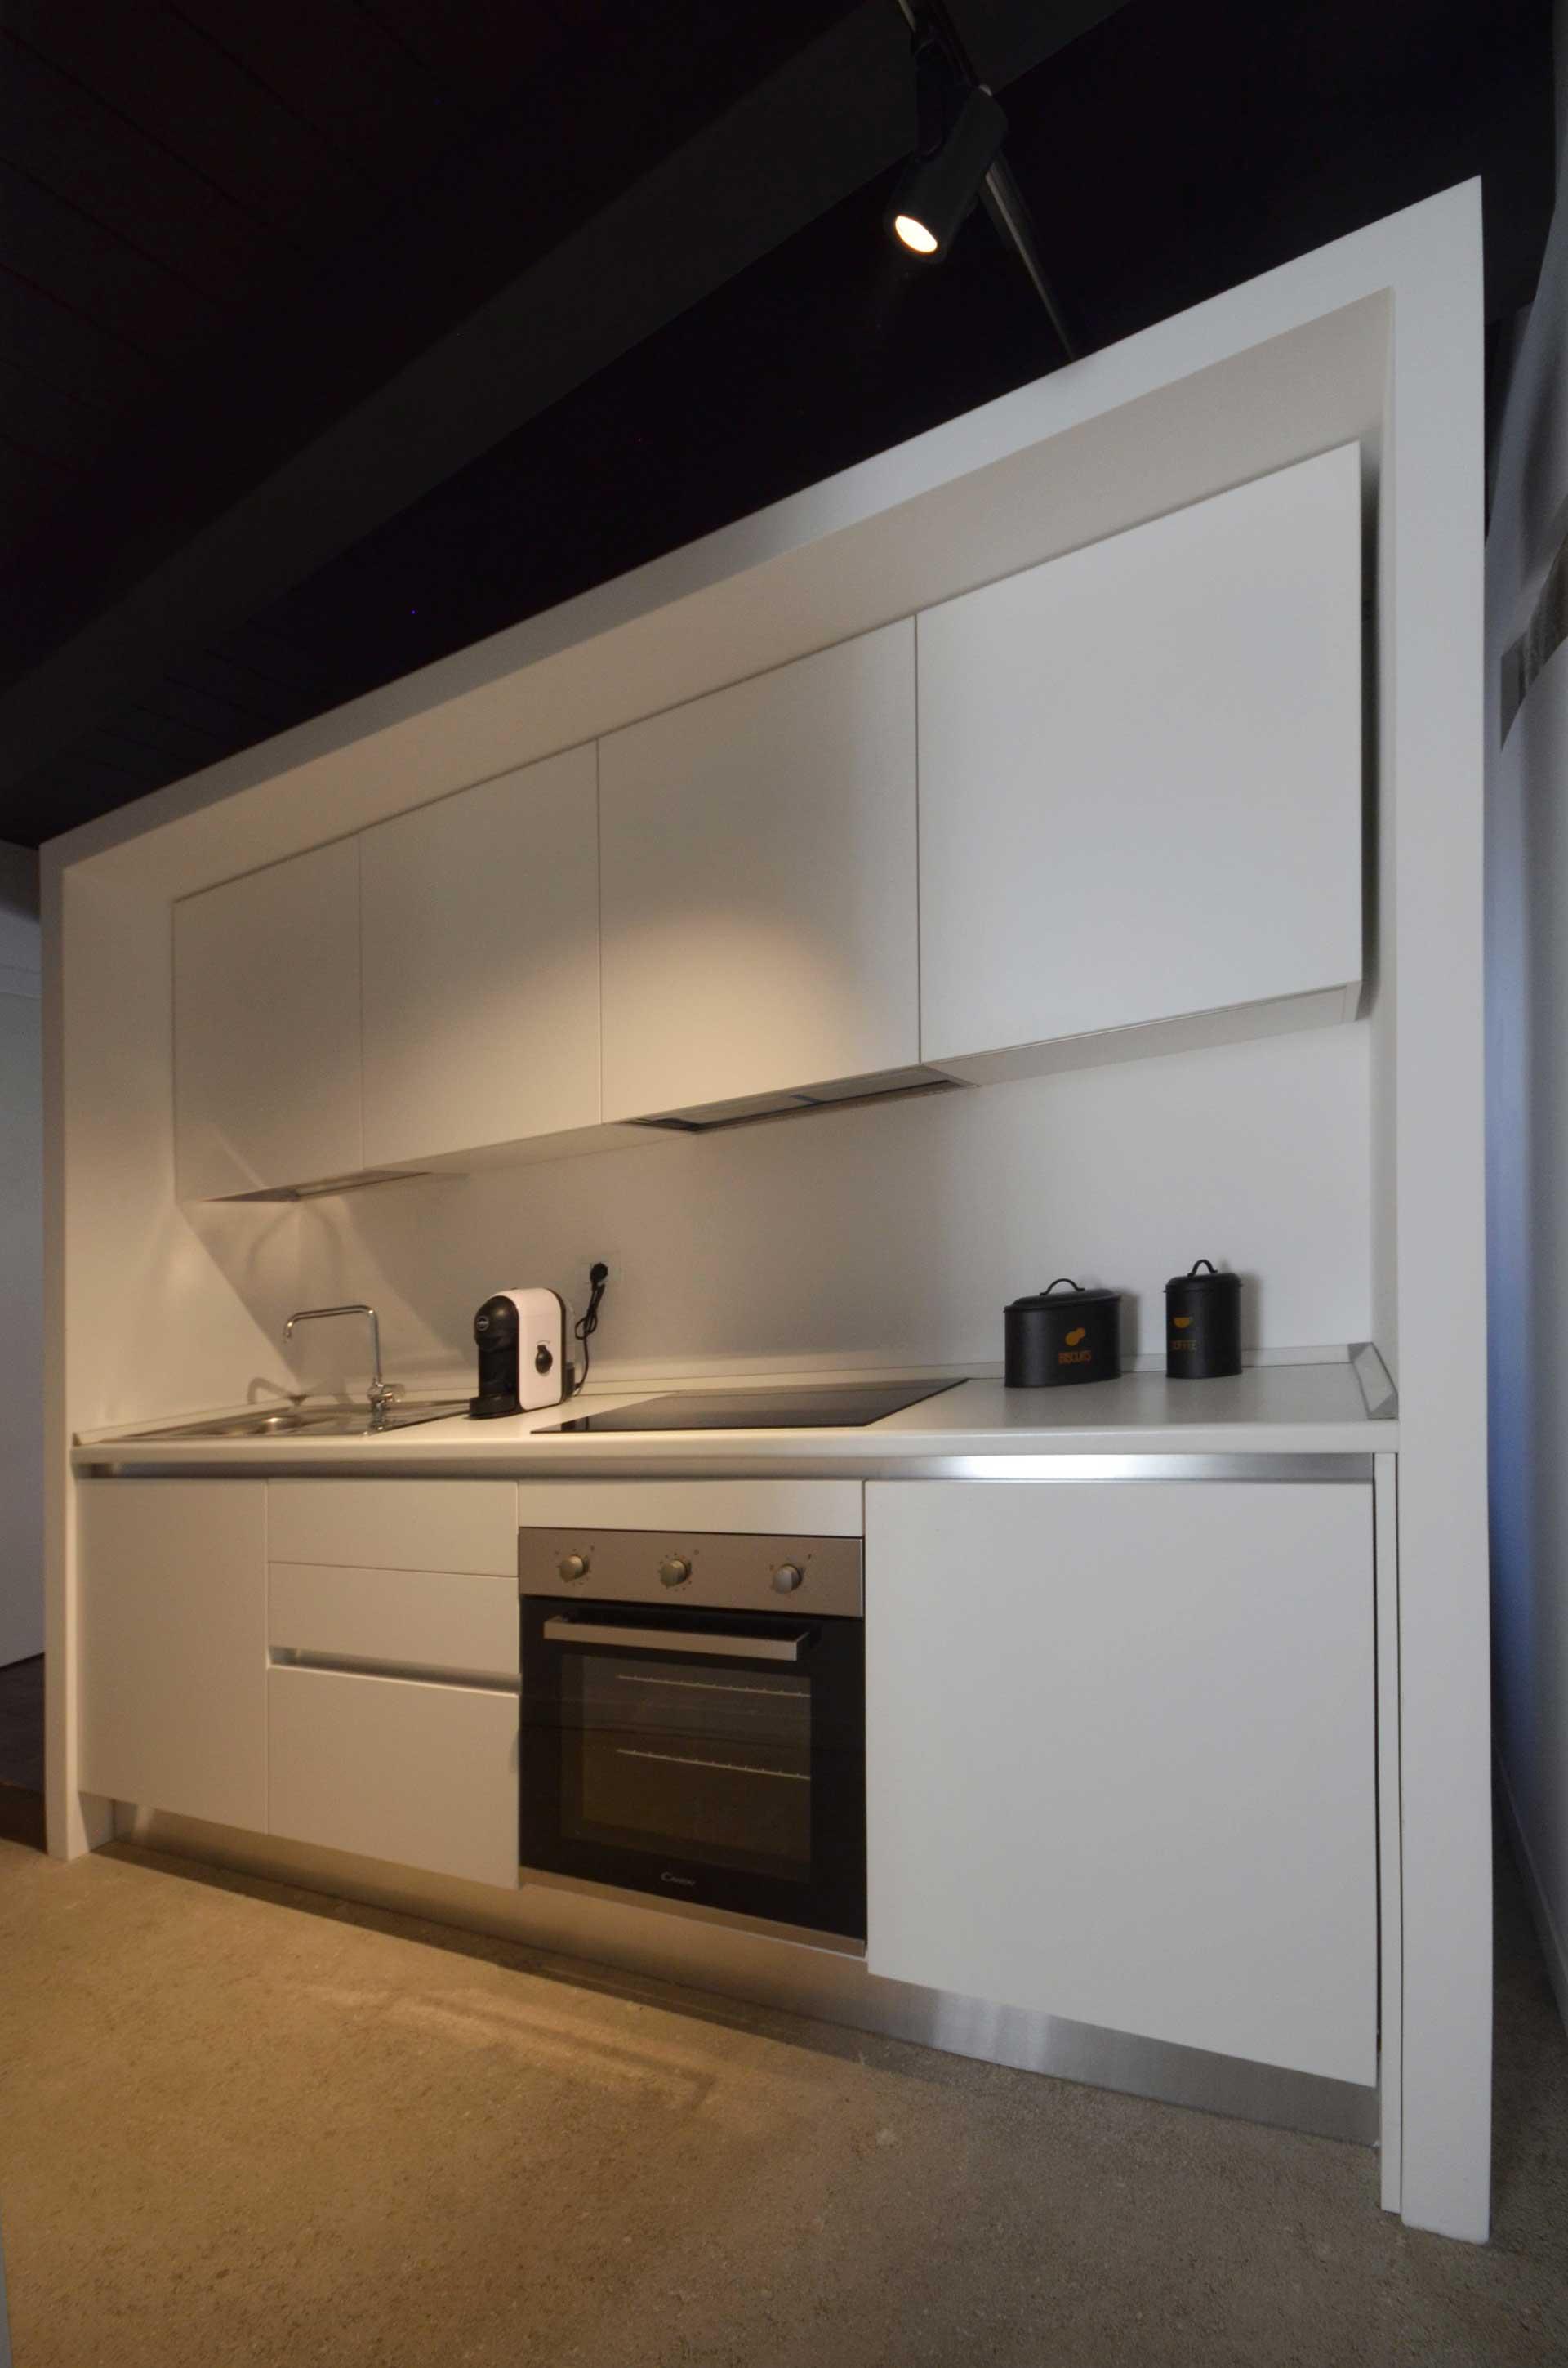 casa CM127. Veduta della zona cucina, perfettamente inserita all'interno della quinta contenitiva che separa la zona giorno dalla camera.